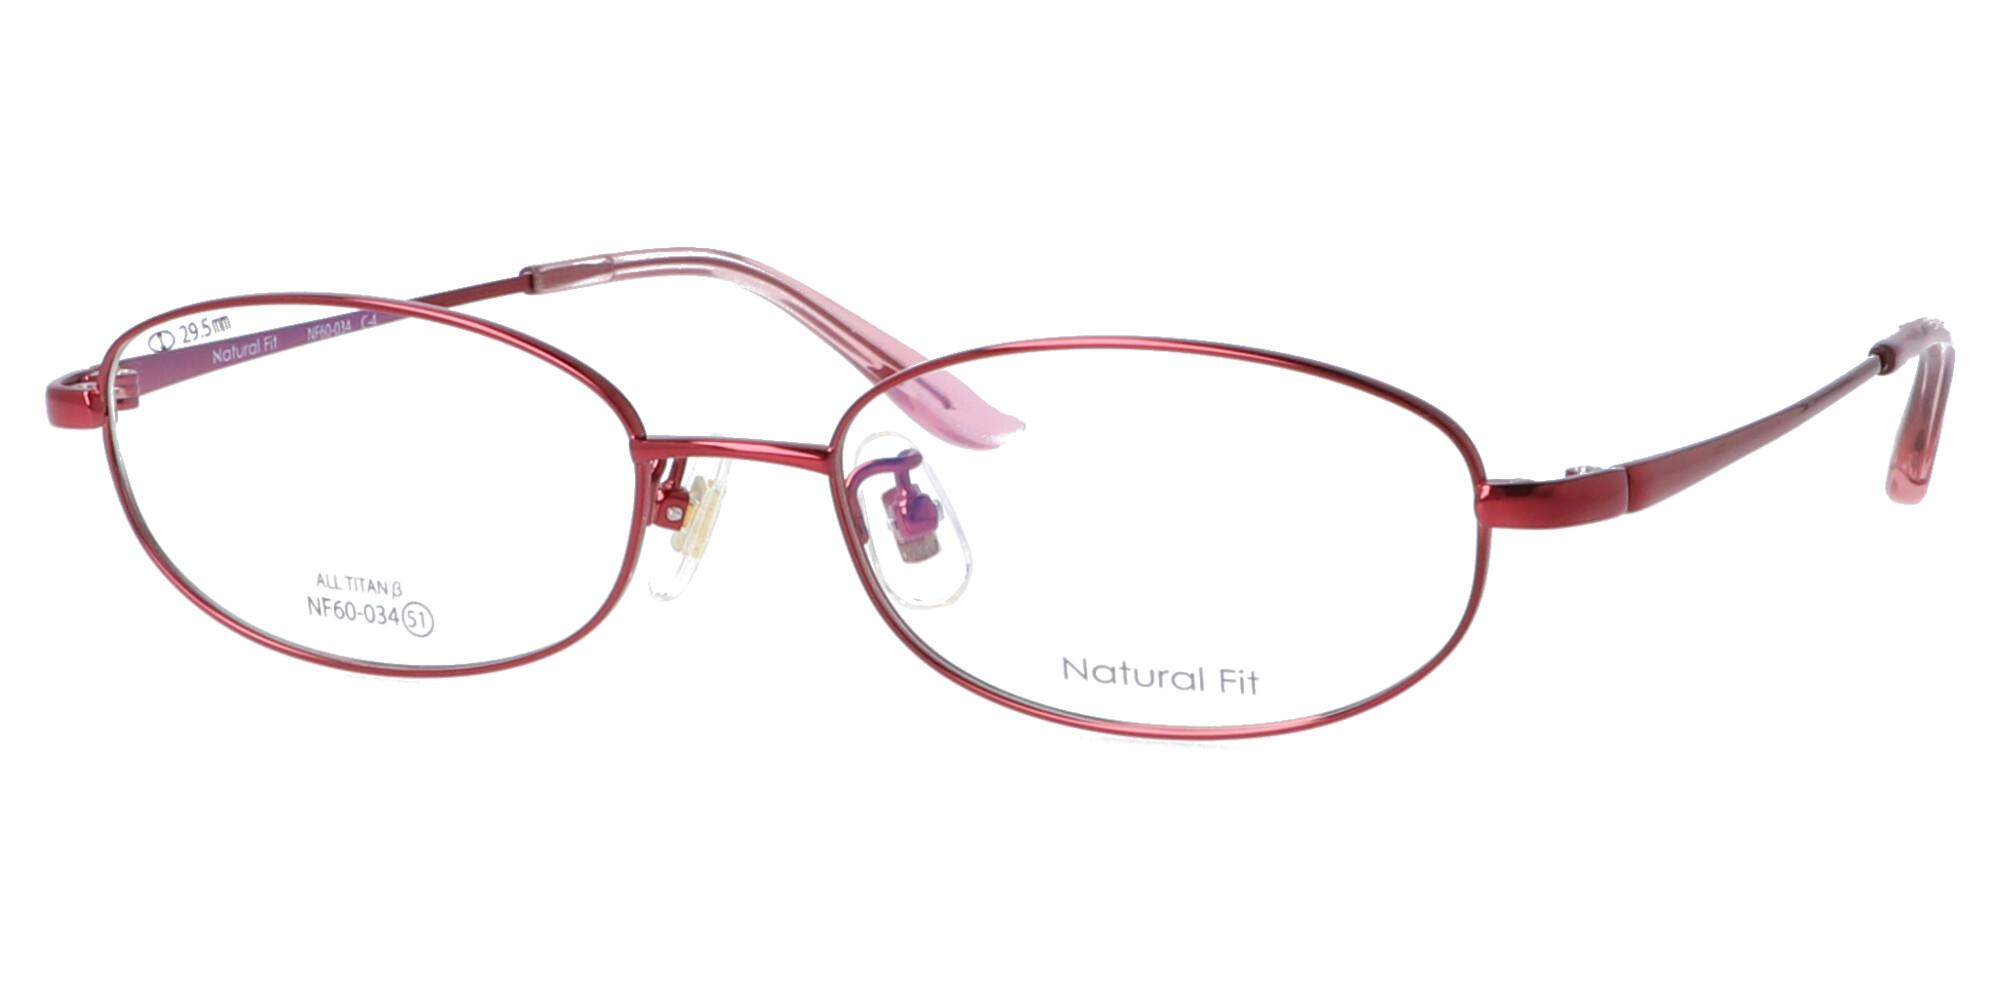 ナチュラルフィット NF60-034_51_ワイン